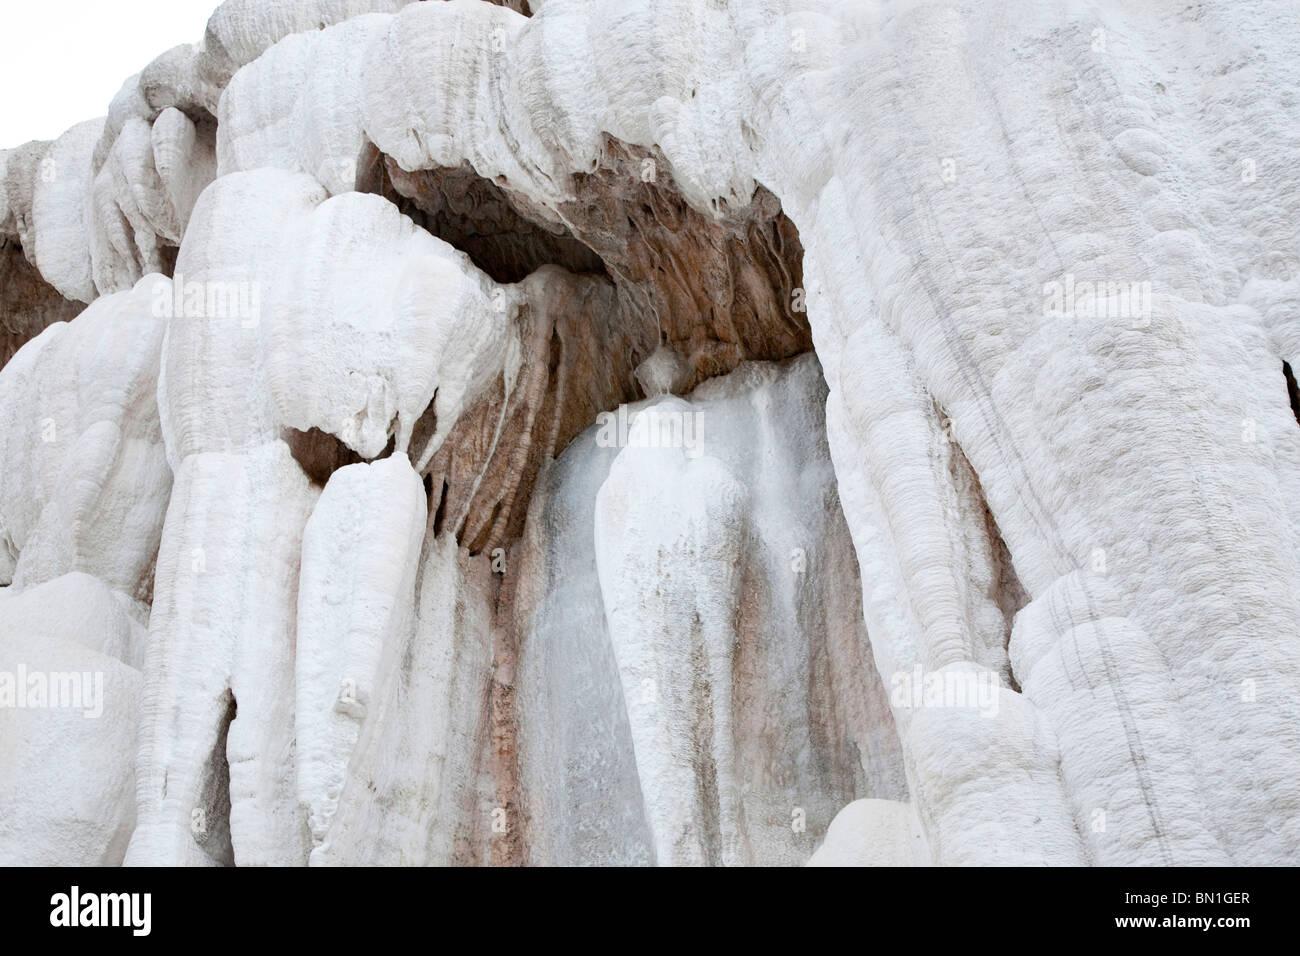 Fosso bianco bagni san filippo castiglione d 39 orcia - Bagni san filippo siena ...